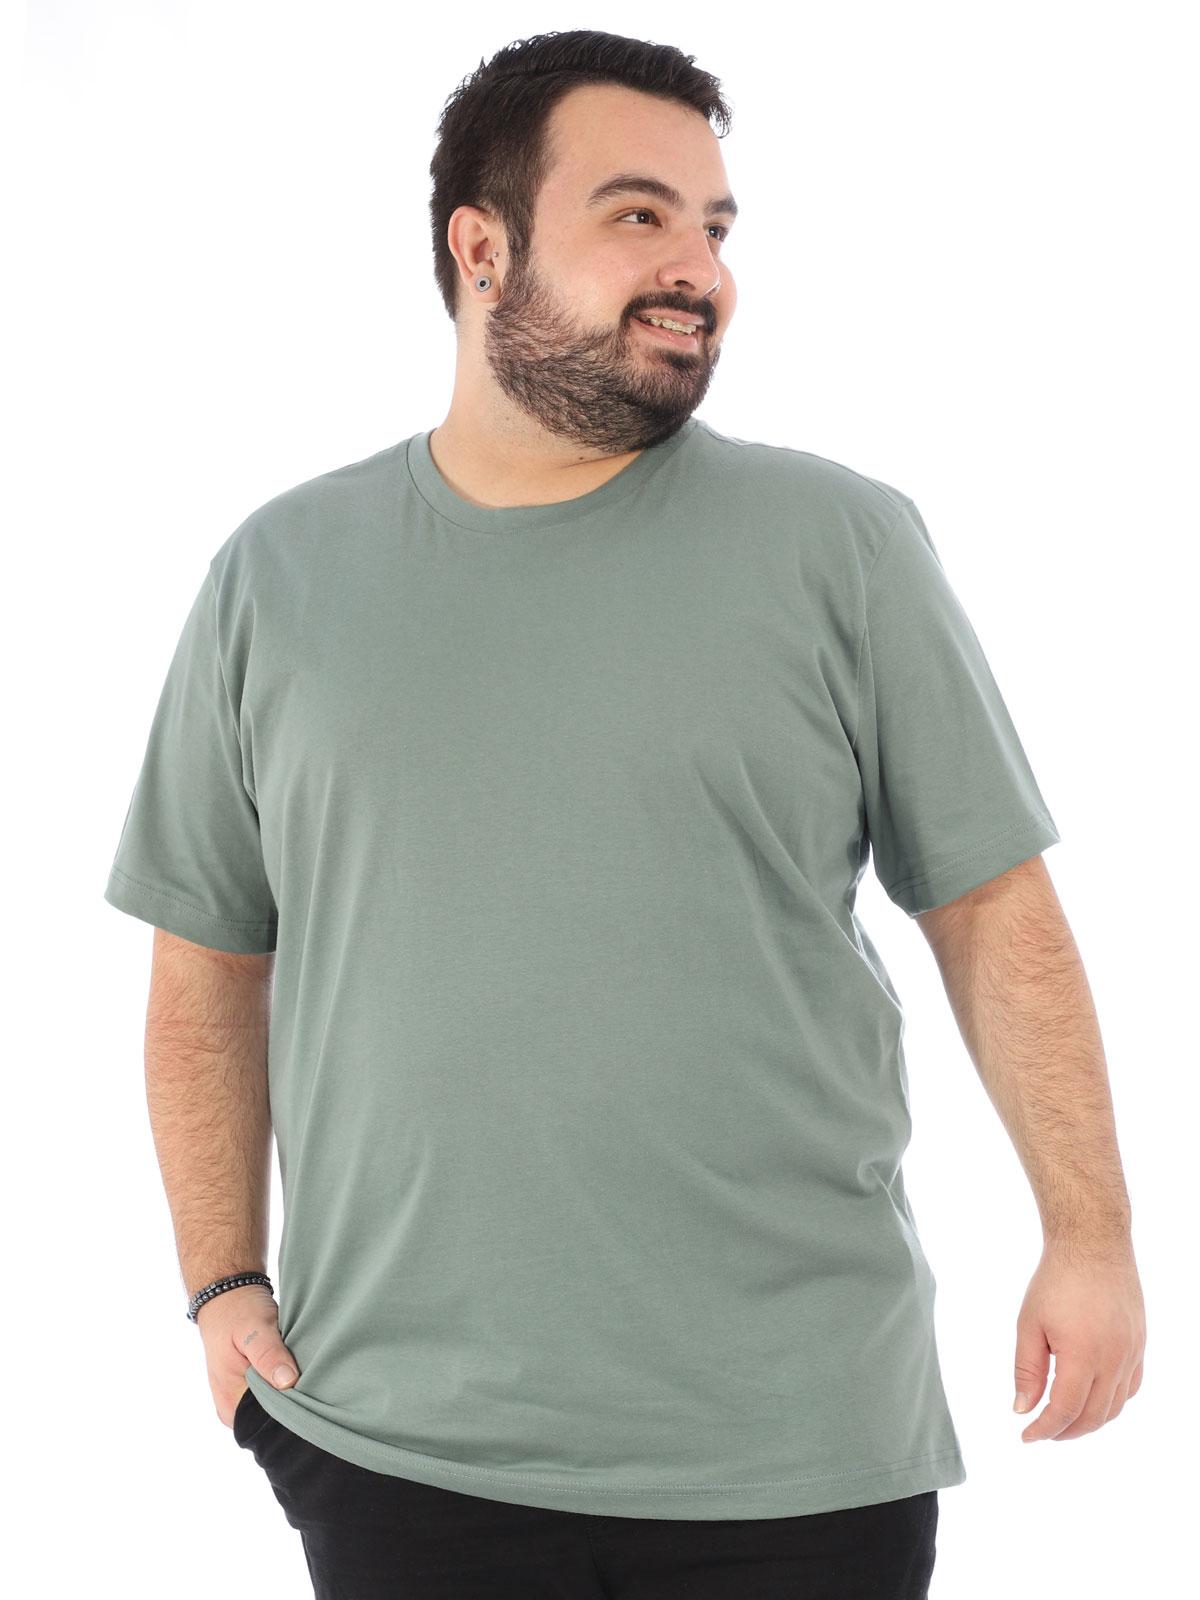 Camiseta Plus Size Lisa Masculino Básica Algodão Concreto